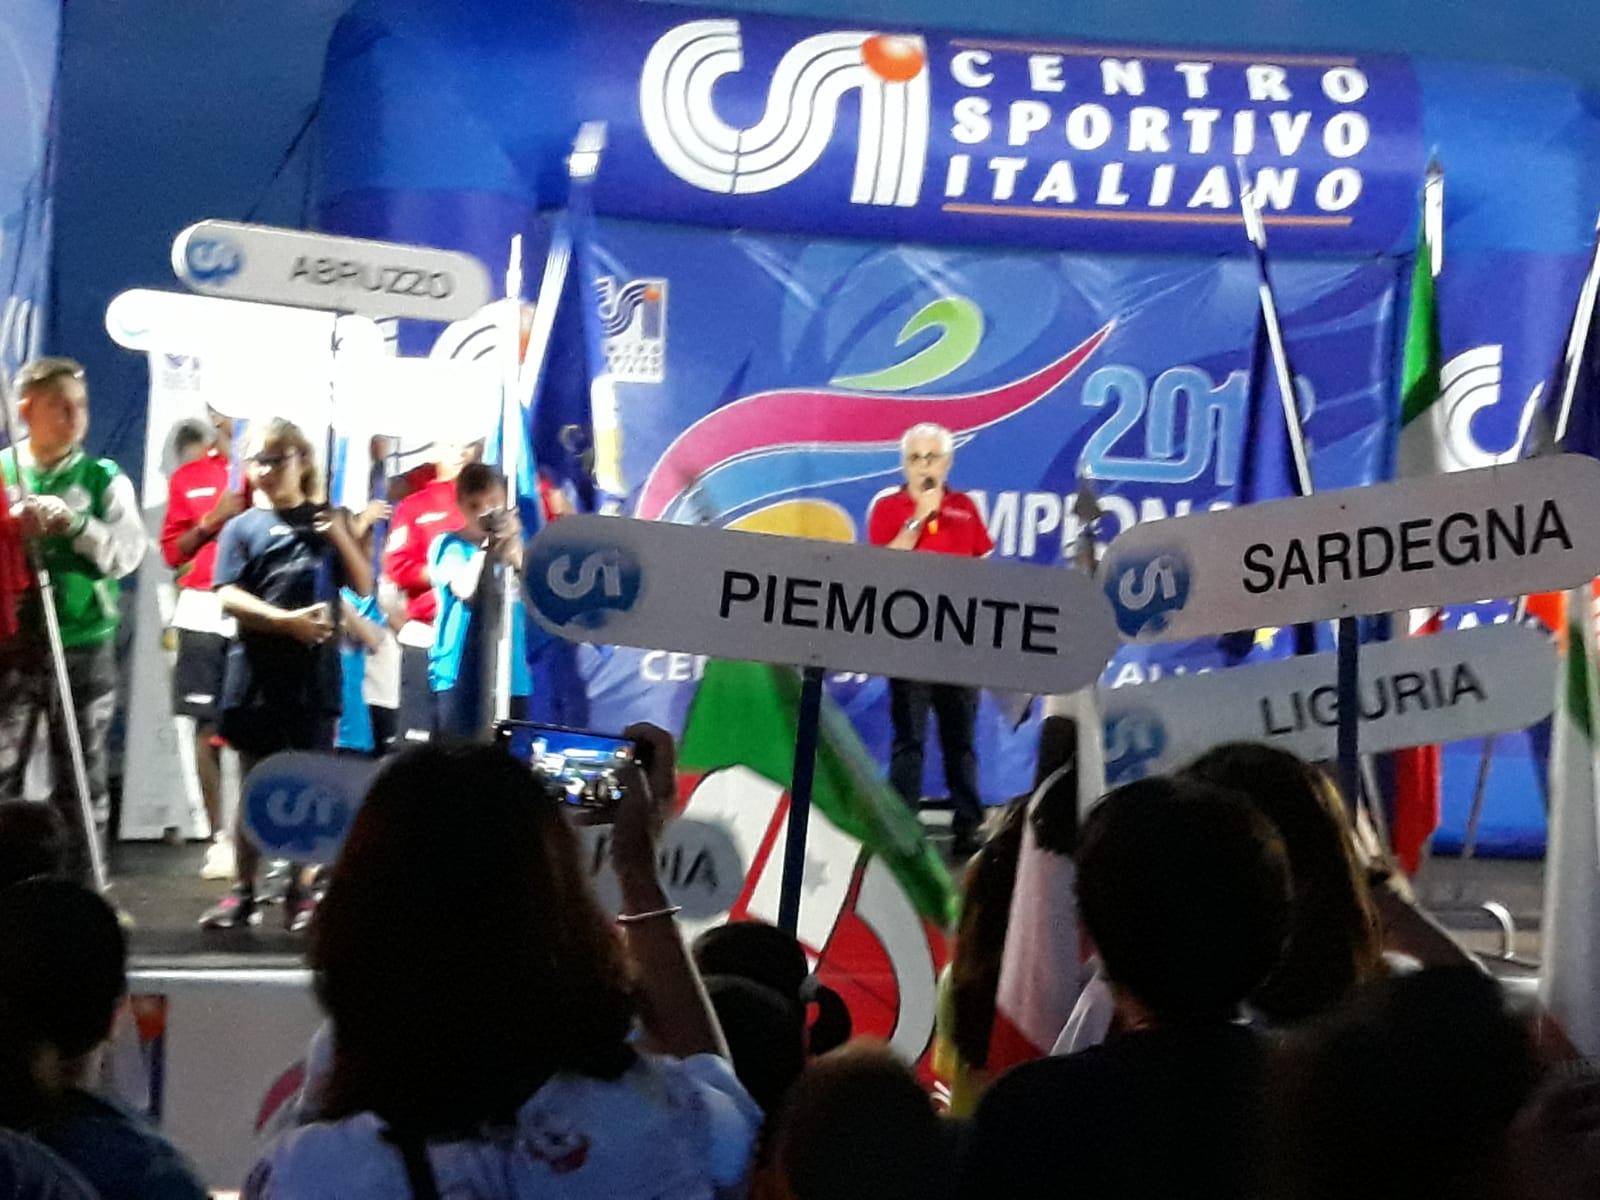 Campionati Csi: Montesarchio e Rotondi a Cesenatico per le gare nazionali